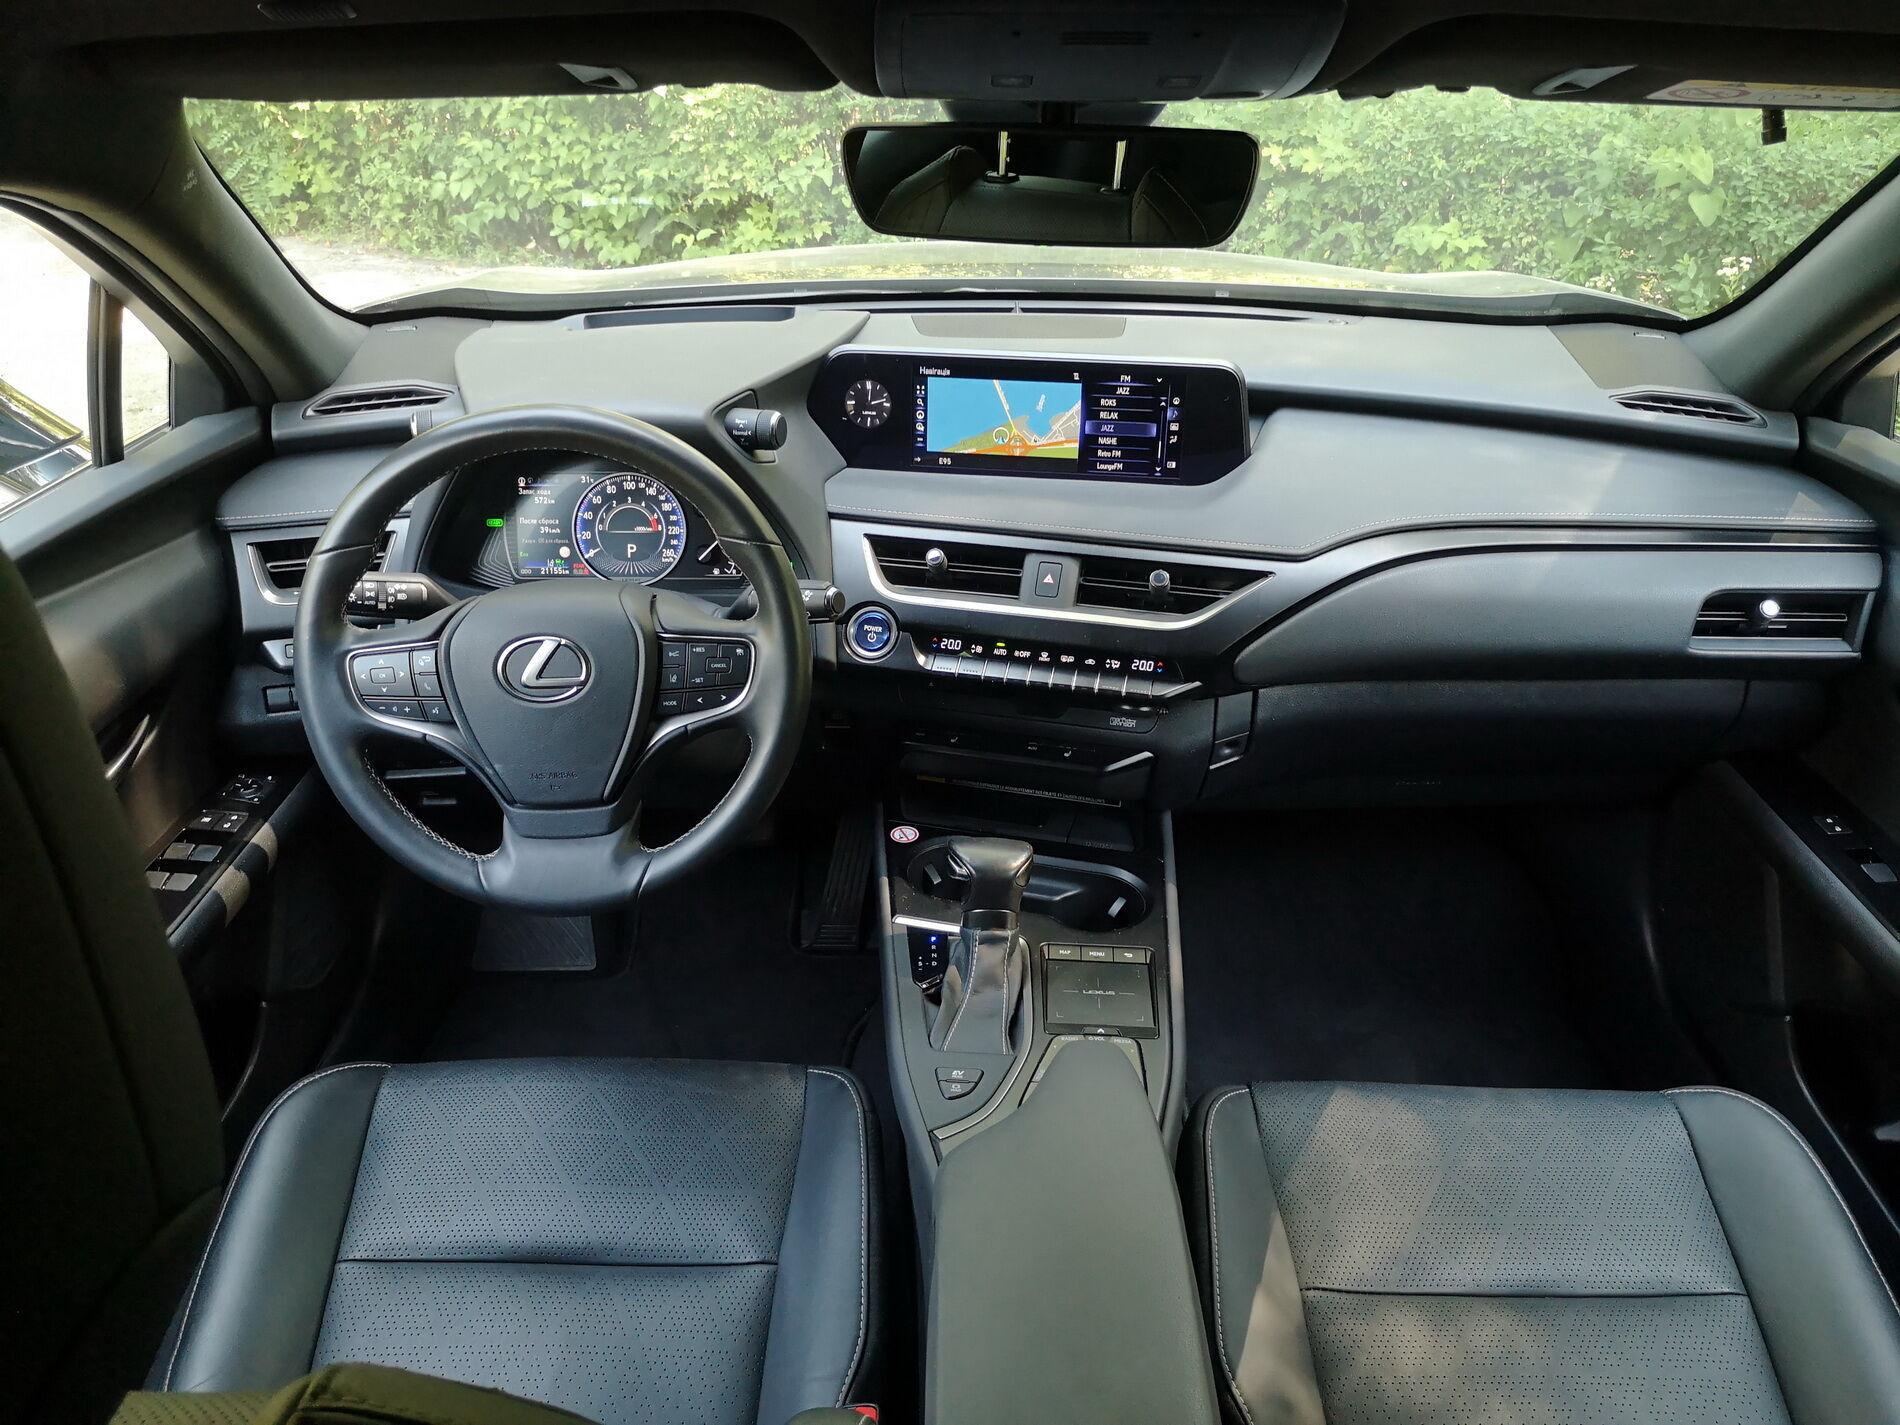 Торпеда ориентирована на водителя, что подчеркивает драйверский характер машины. Фото: